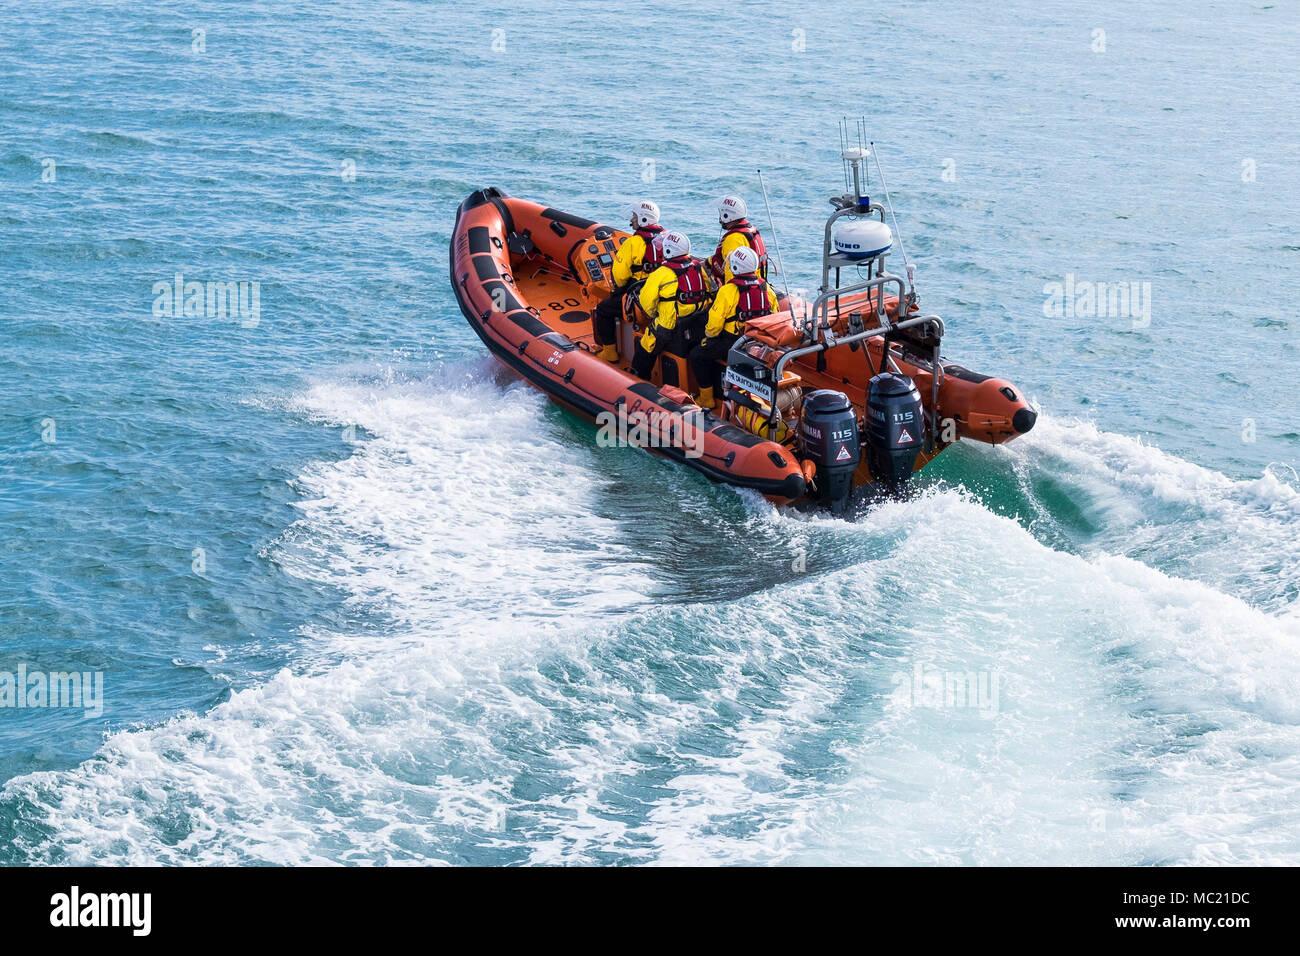 Volontari di Newquay RNLI equipaggio che partecipano a un GMICE (buona medicina in ambienti impegnativi) incidente principale esercizio di Newquay. Immagini Stock